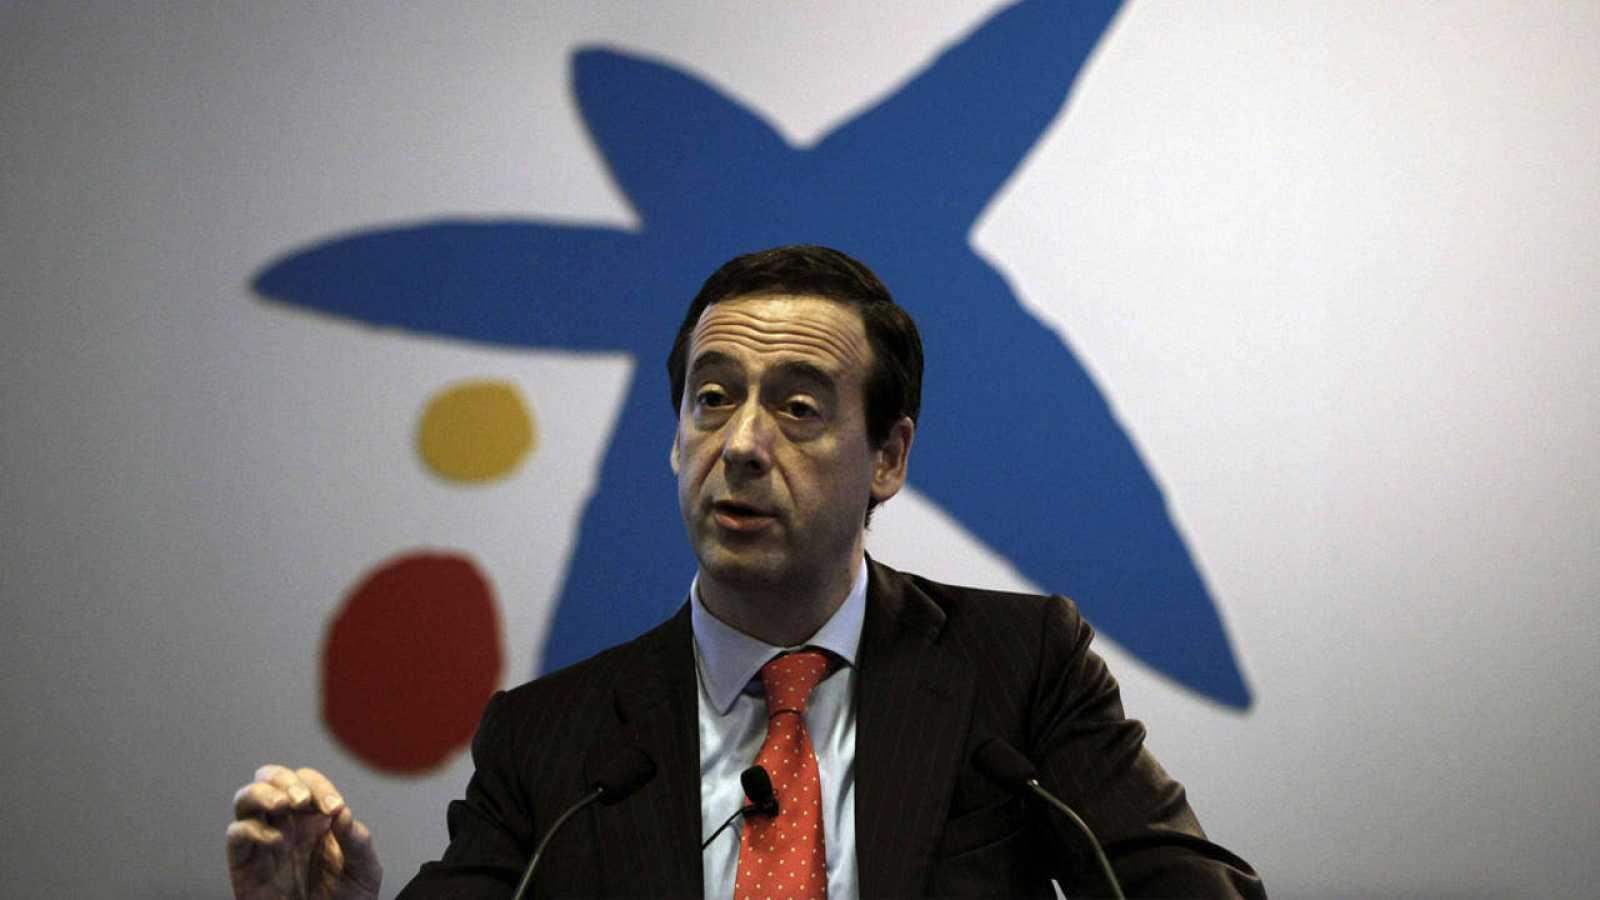 El consejero delegado de CaixaBank, Gonzalo Gortázar, durante el acto de presentación de resultados de la entidad en 2014